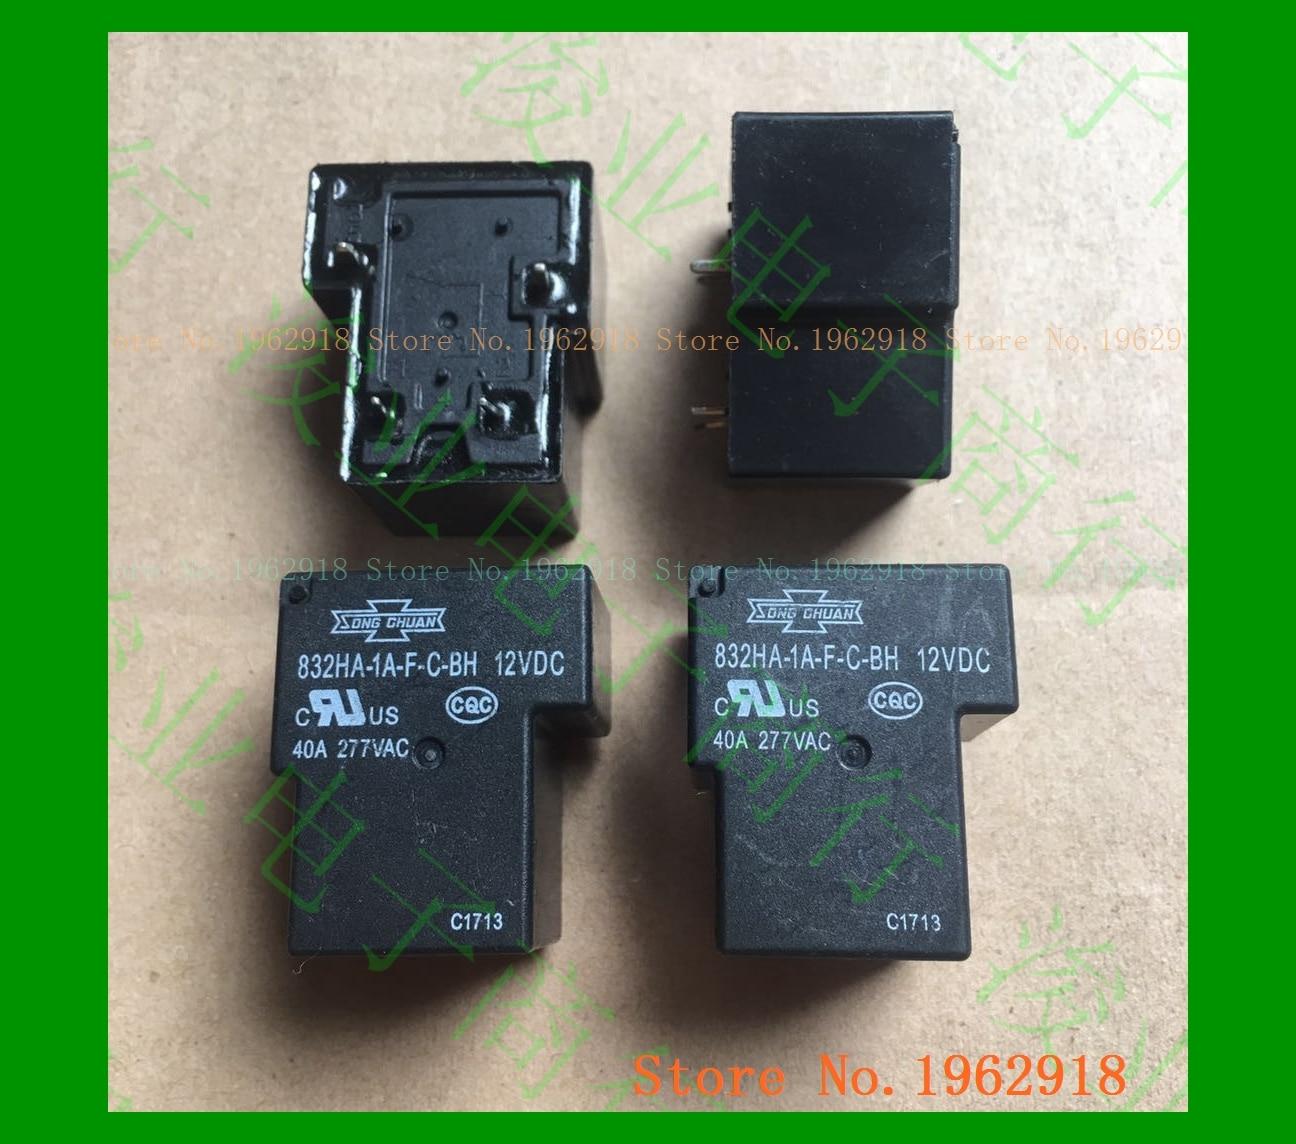 1105 5pcs new Ford Relay FRA1RNA-S DC12V-F 12VDC-F 40A//240VAC 4pin